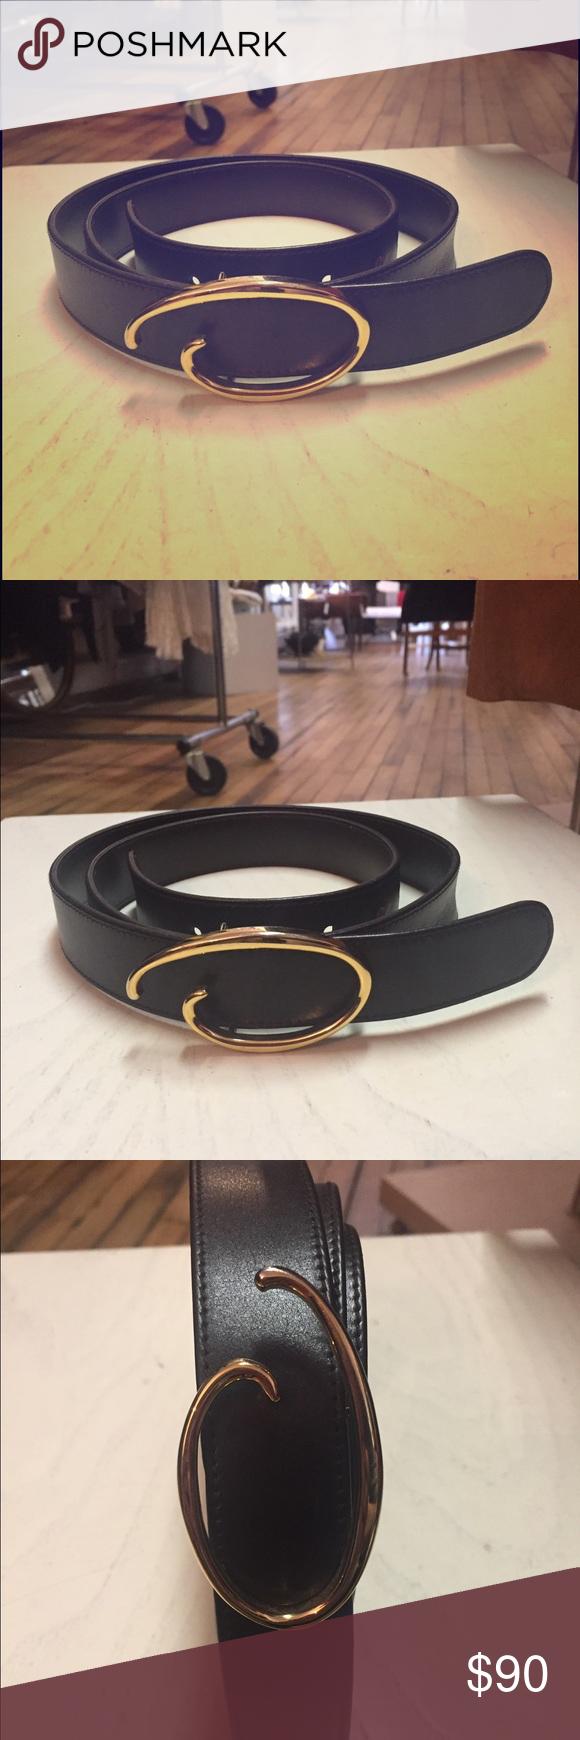 Oscar de la Renta leather belt Dark brown leather belt Made In Italy Oscar de la Renta Accessories Belts